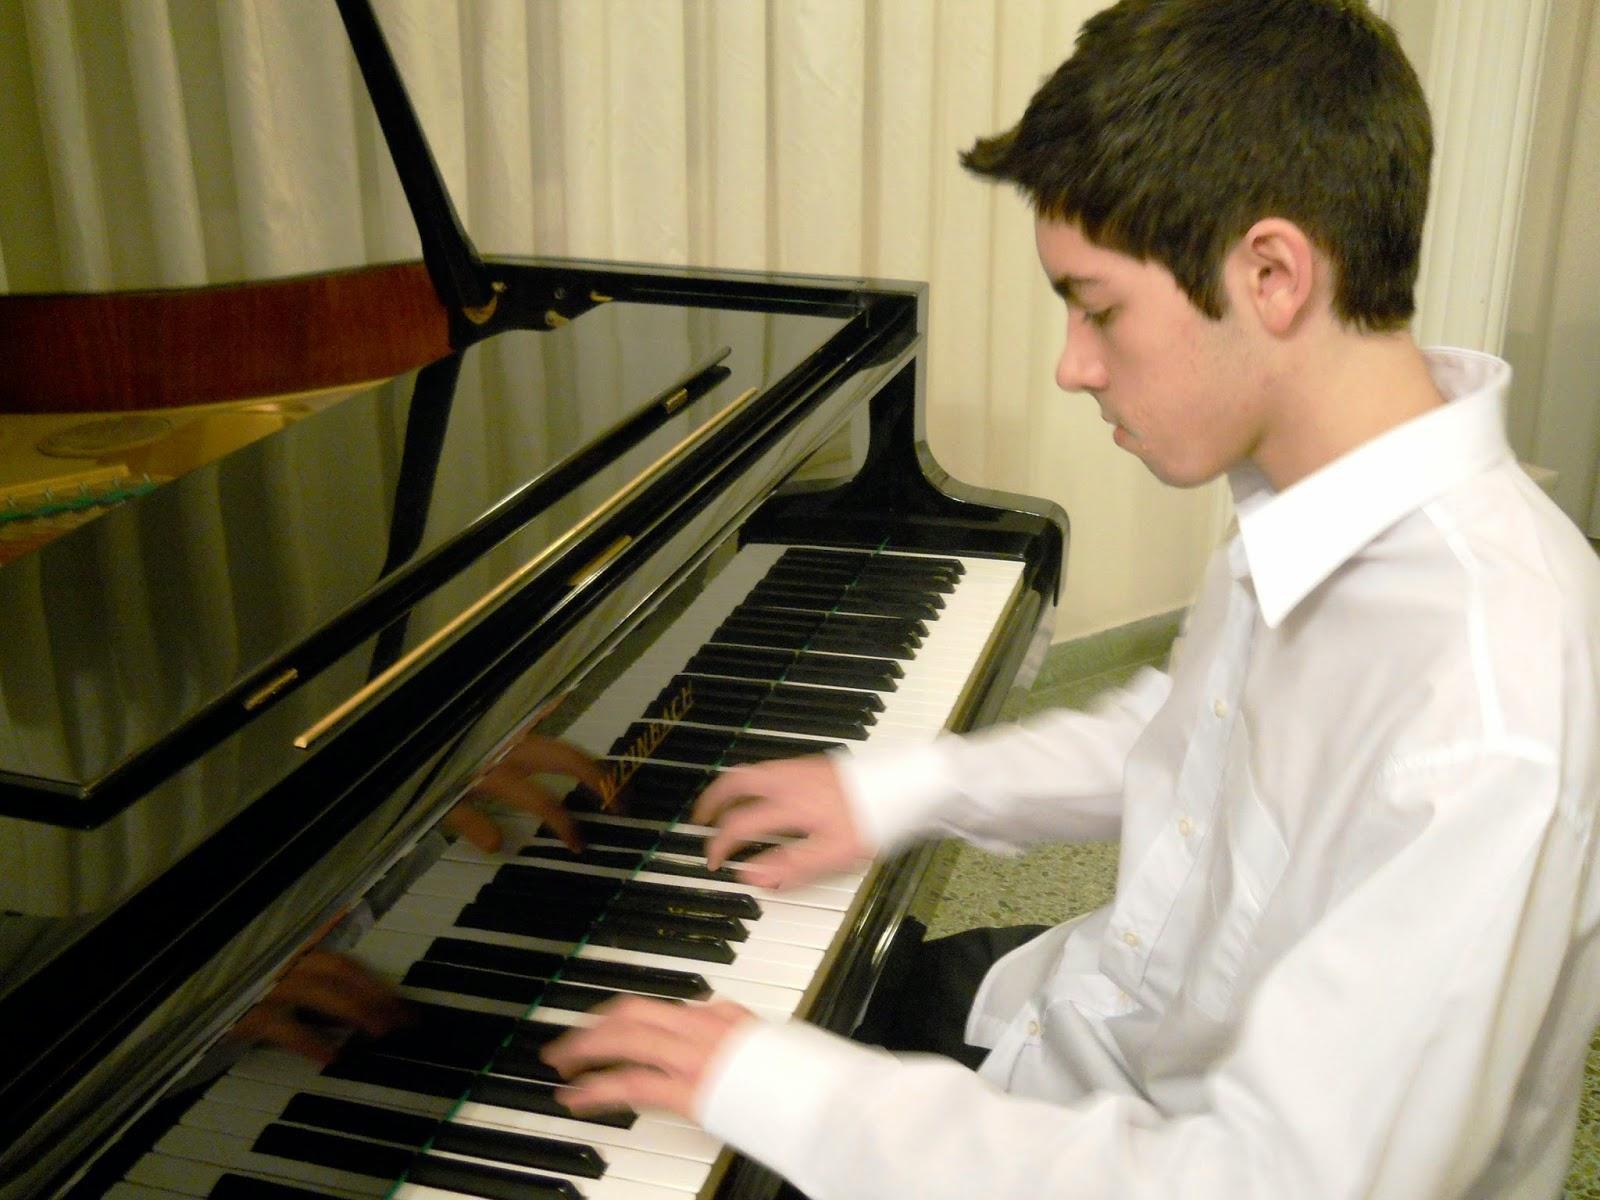 Ρεσιτάλ πιάνου για την Ιμβρο από έναν 17χρονο